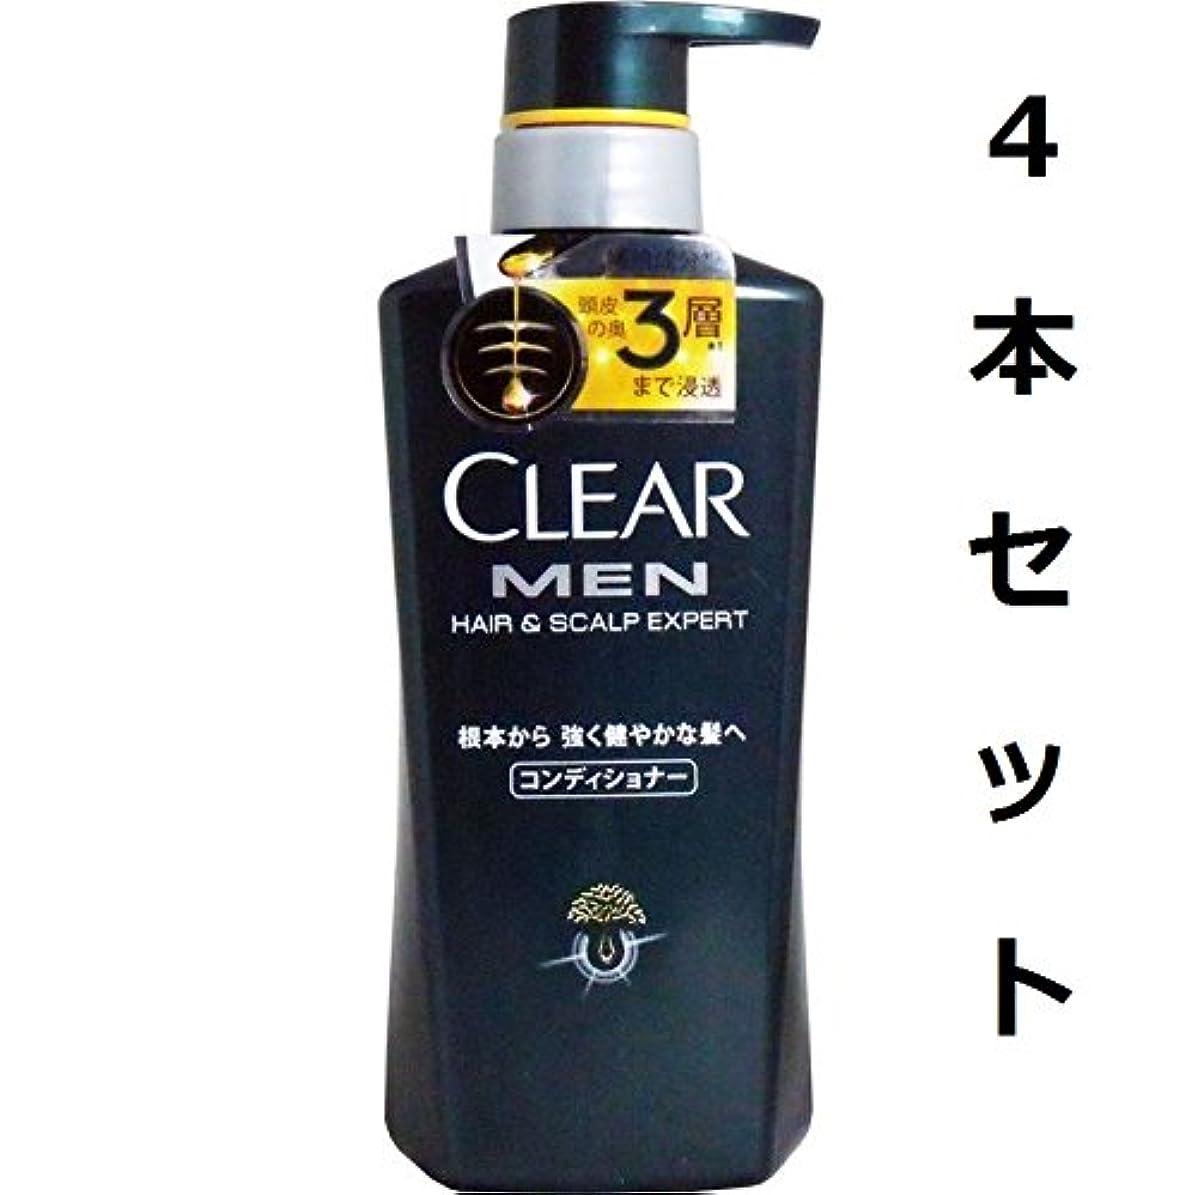 必要とする発明するモーテル男の頭皮に必要な補給成分配合処方 クリア フォーメン ヘア&スカルプ エキスパート コンディショナー ポンプ 350g 4本セット